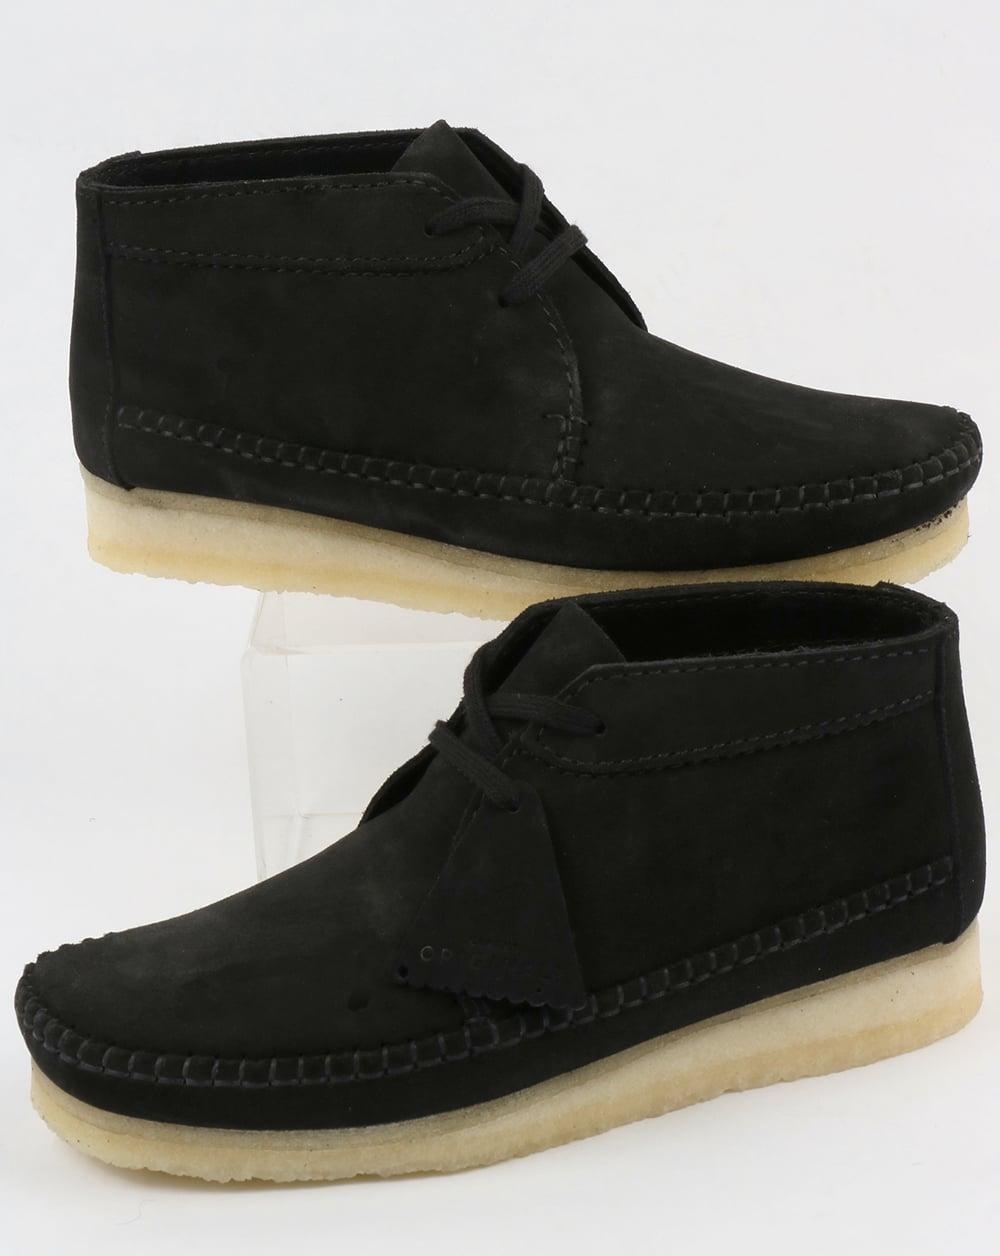 0292a48805e06 Clarks Originals Weaver Suede Boot Black